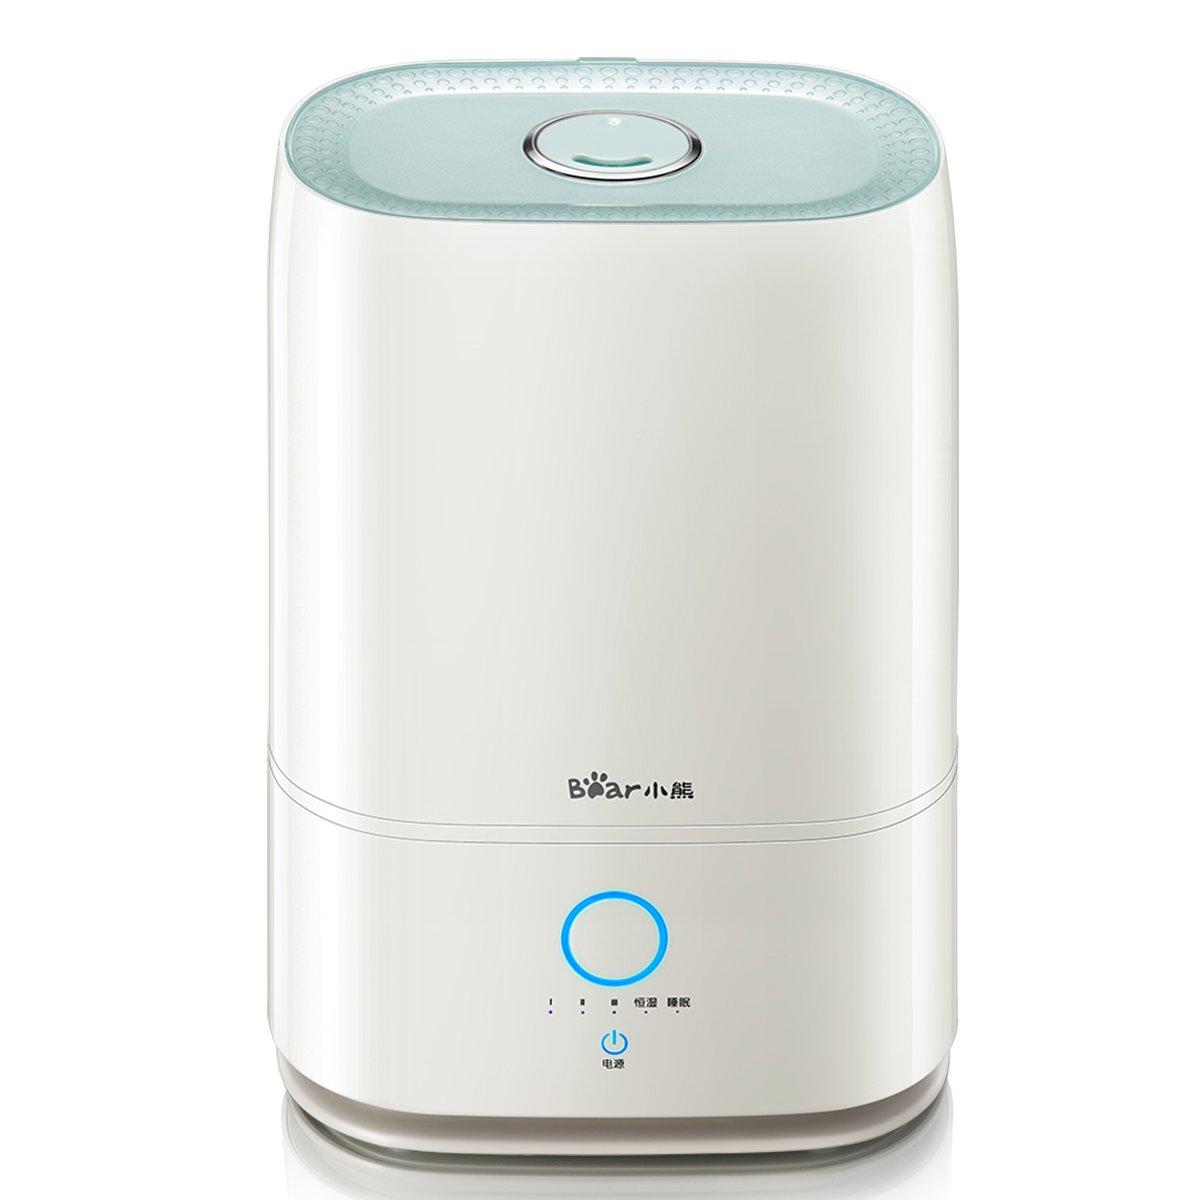 小熊小熊加湿器家用静音5升净化智能恒湿触控办公室卧室香薰机JSQ-C50T2